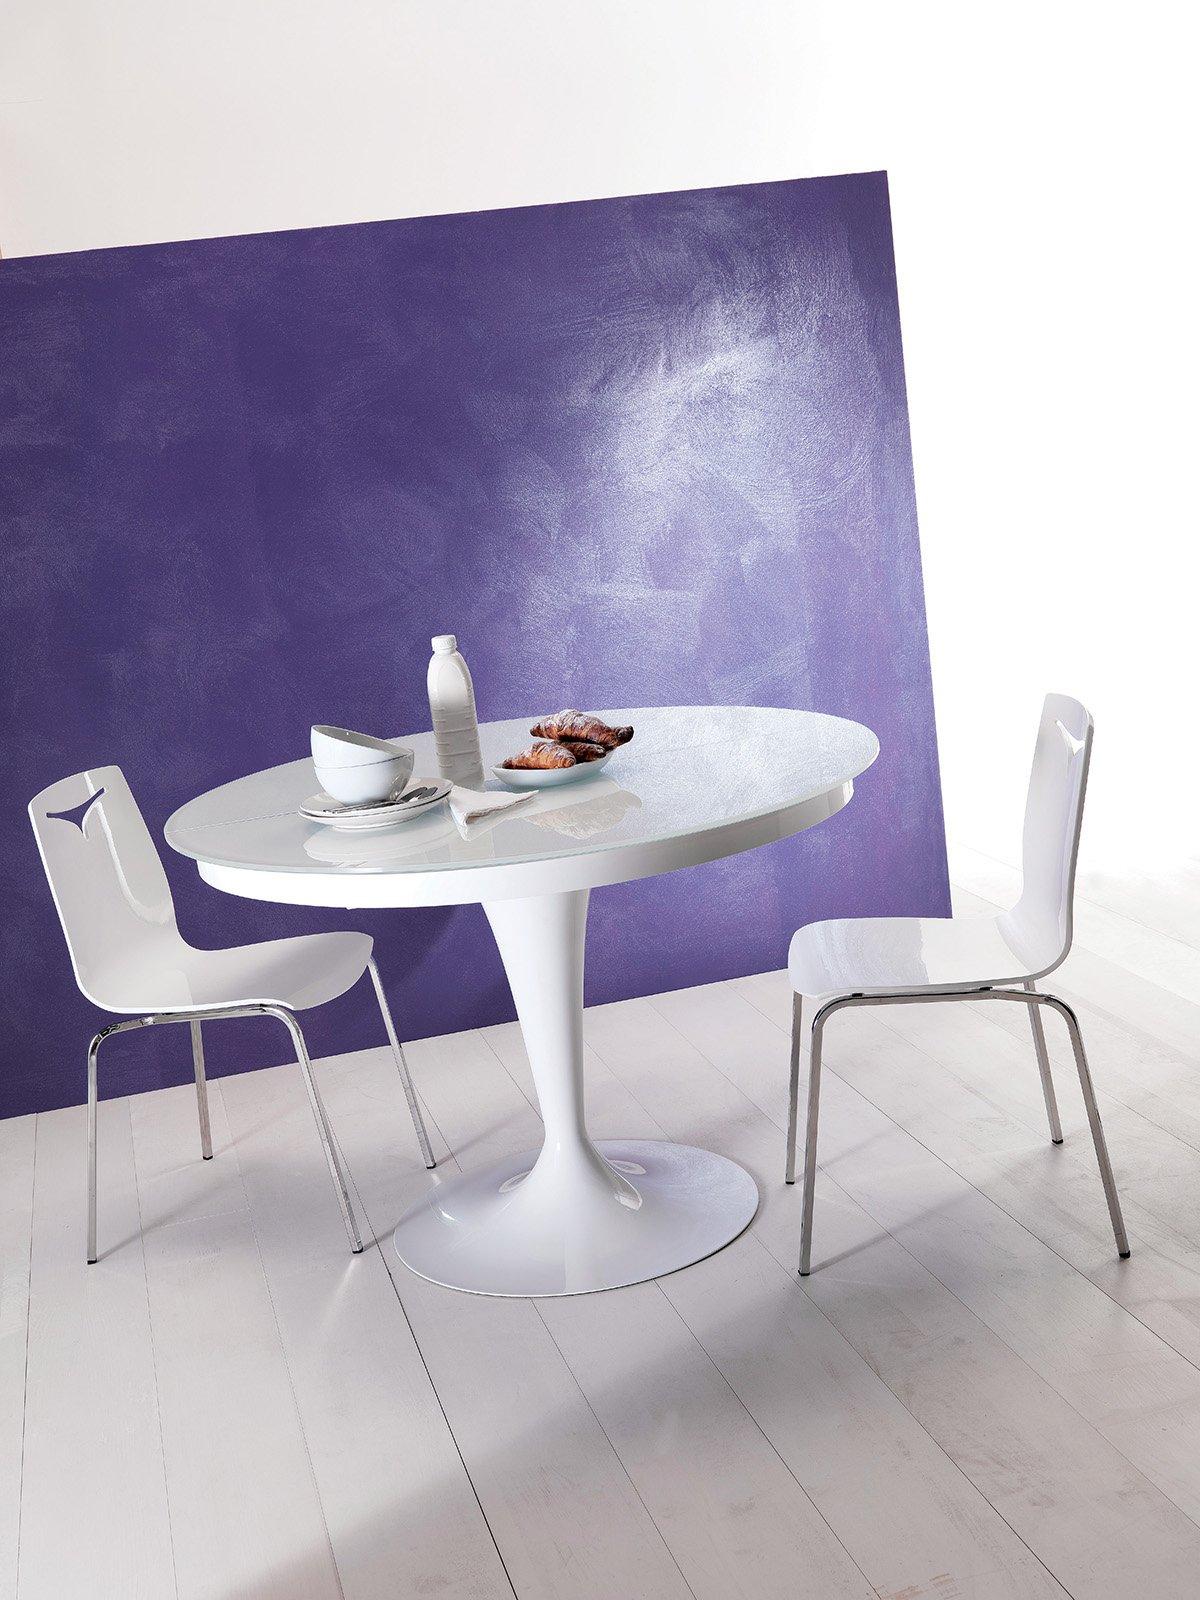 Il Tavolo Da Pranzo Allungabile Eclipse Di Ozzio Design Ha Base In  #493C6E 1200 1600 I Migliori Piatti Della Cucina Toscana